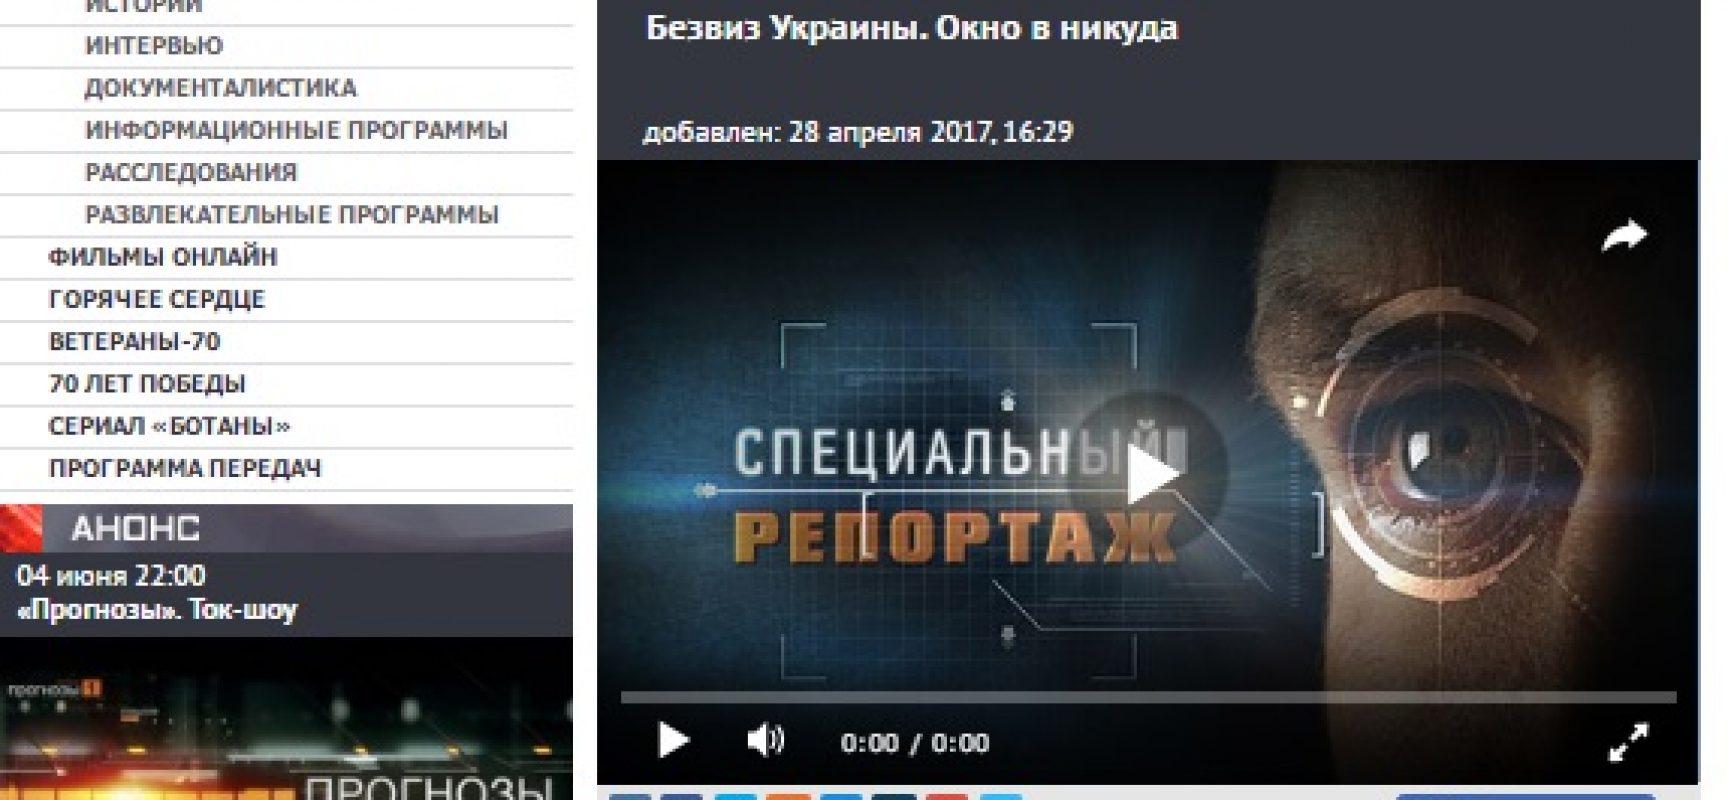 Il film fake di Zvezda sul Regime senza visti in Ucraina